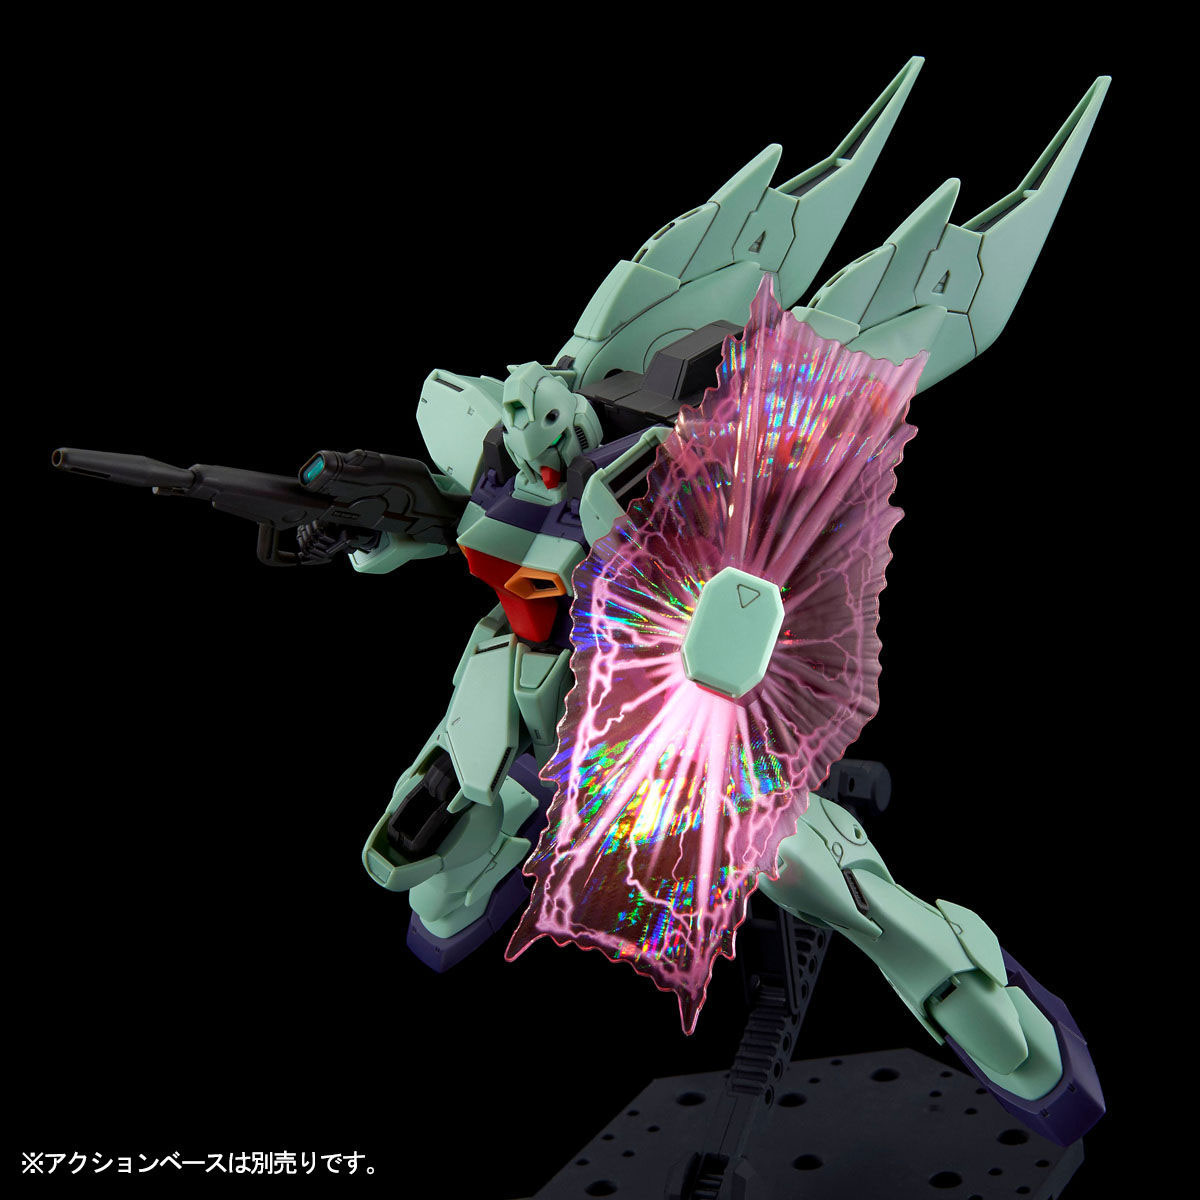 RE/100 1/100『ガンブラスター』Vガンダム プラモデル-006